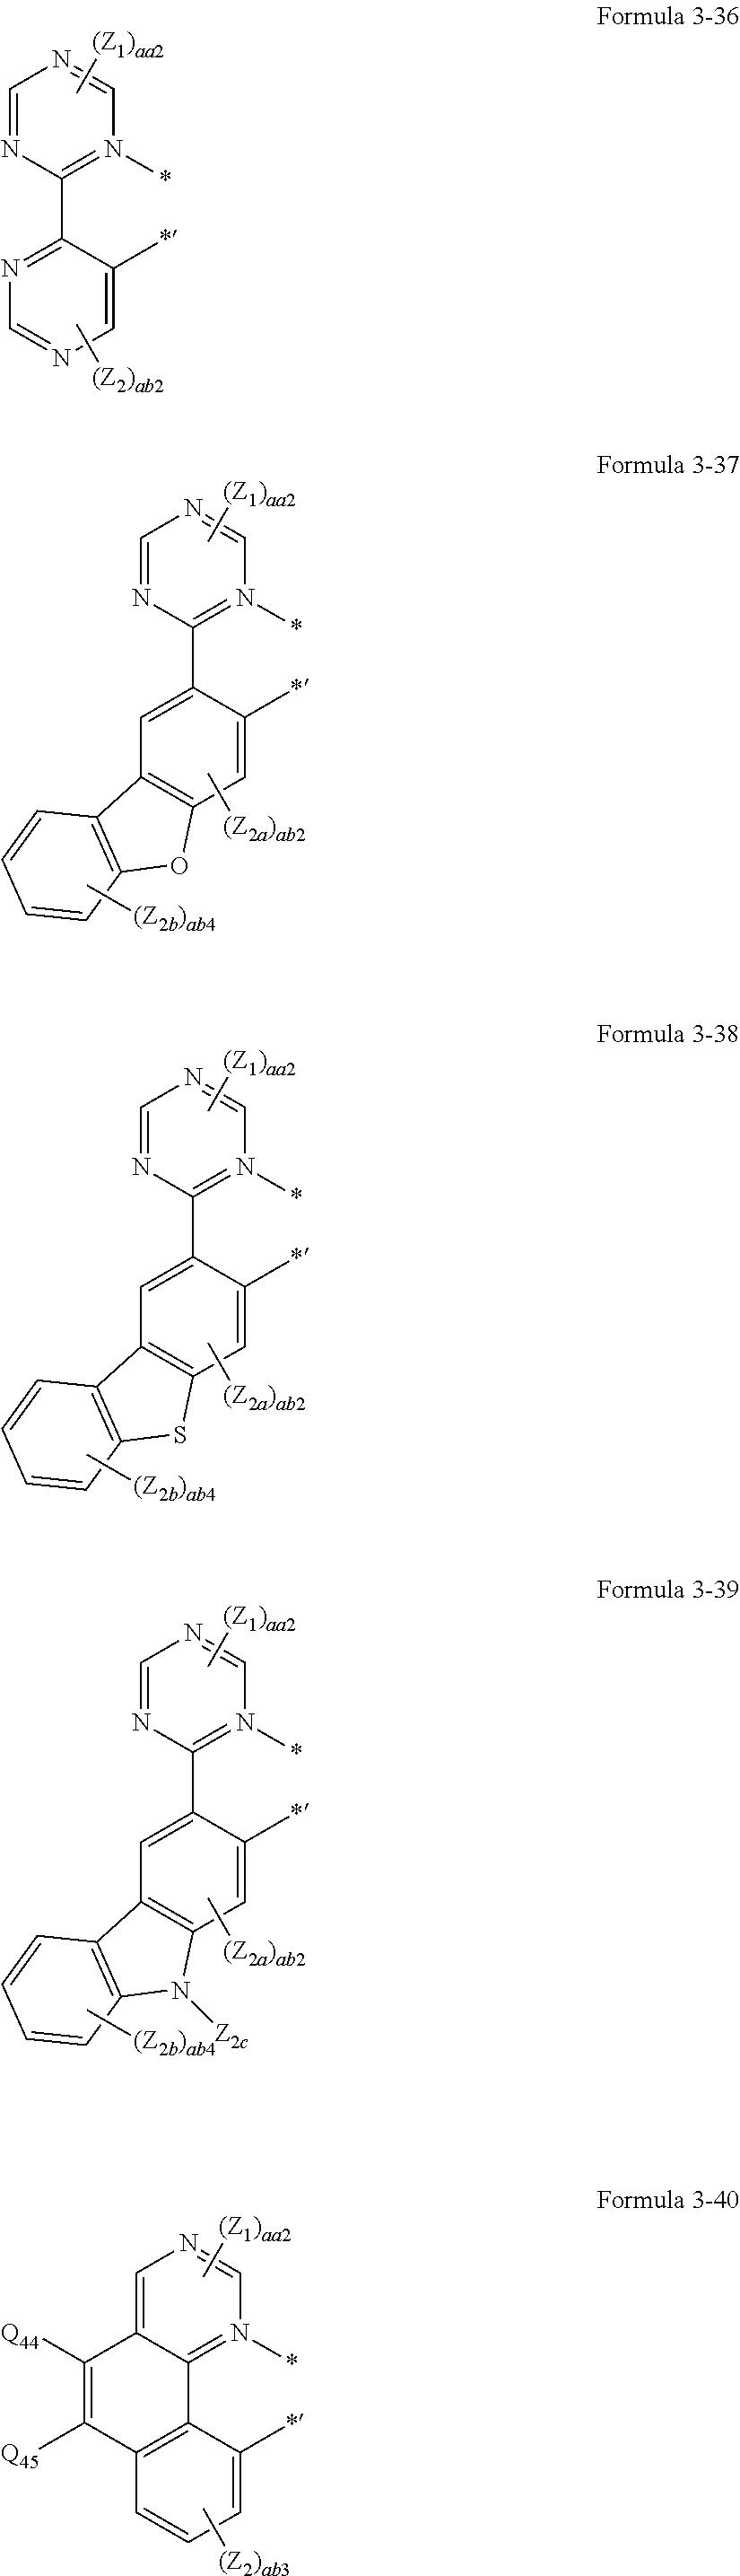 Figure US20160155962A1-20160602-C00031